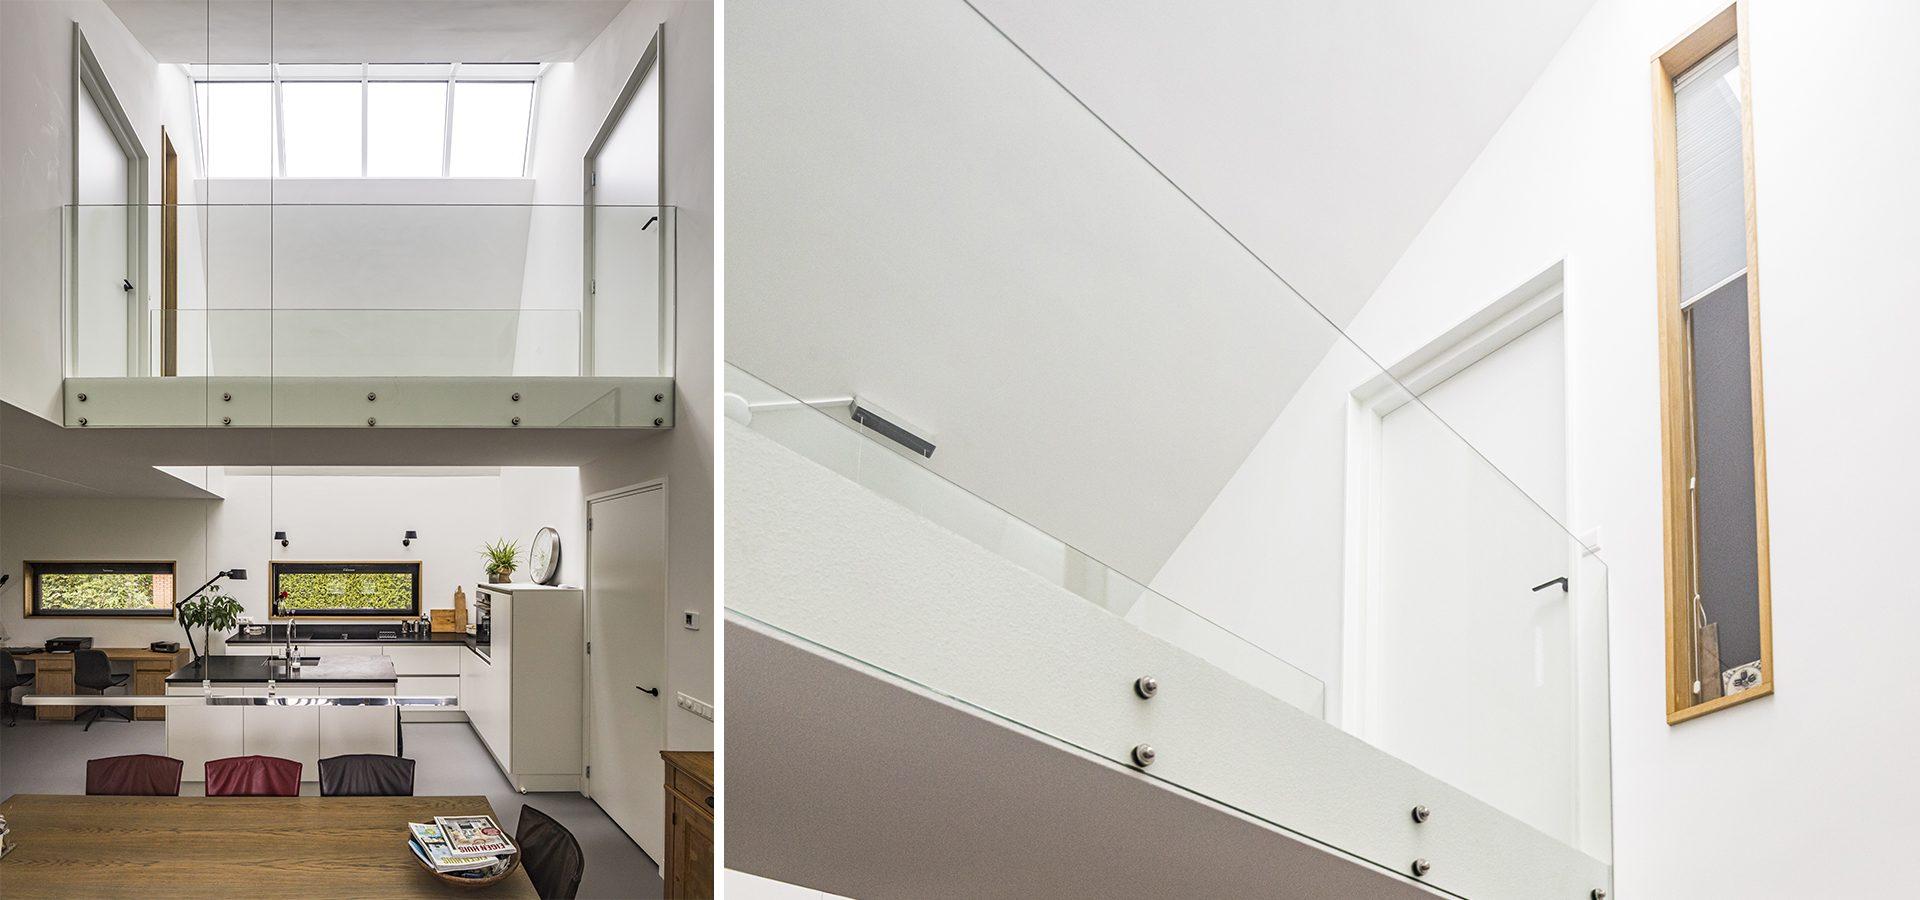 FARO architecten Woonhuis Spiegelenberg Brummen 04